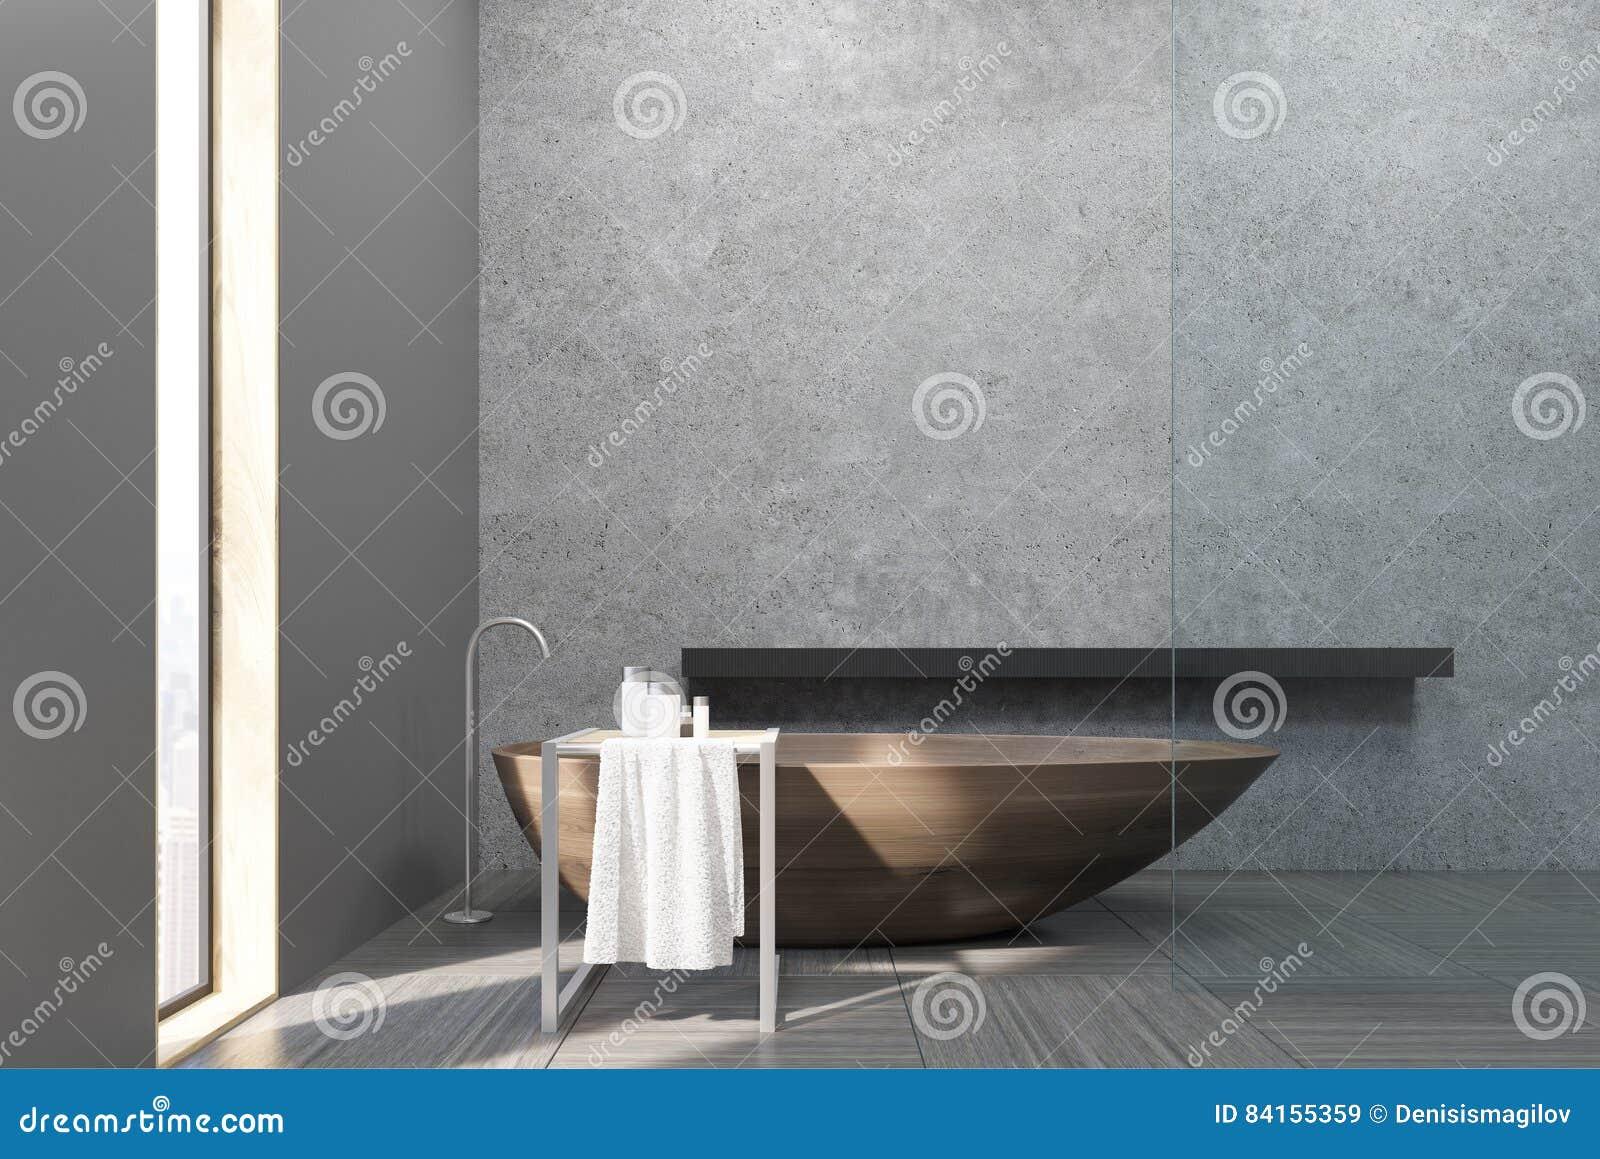 Vasca Da Bagno Stretta : Interno di un bagno con una finestra stretta una vasca di legno